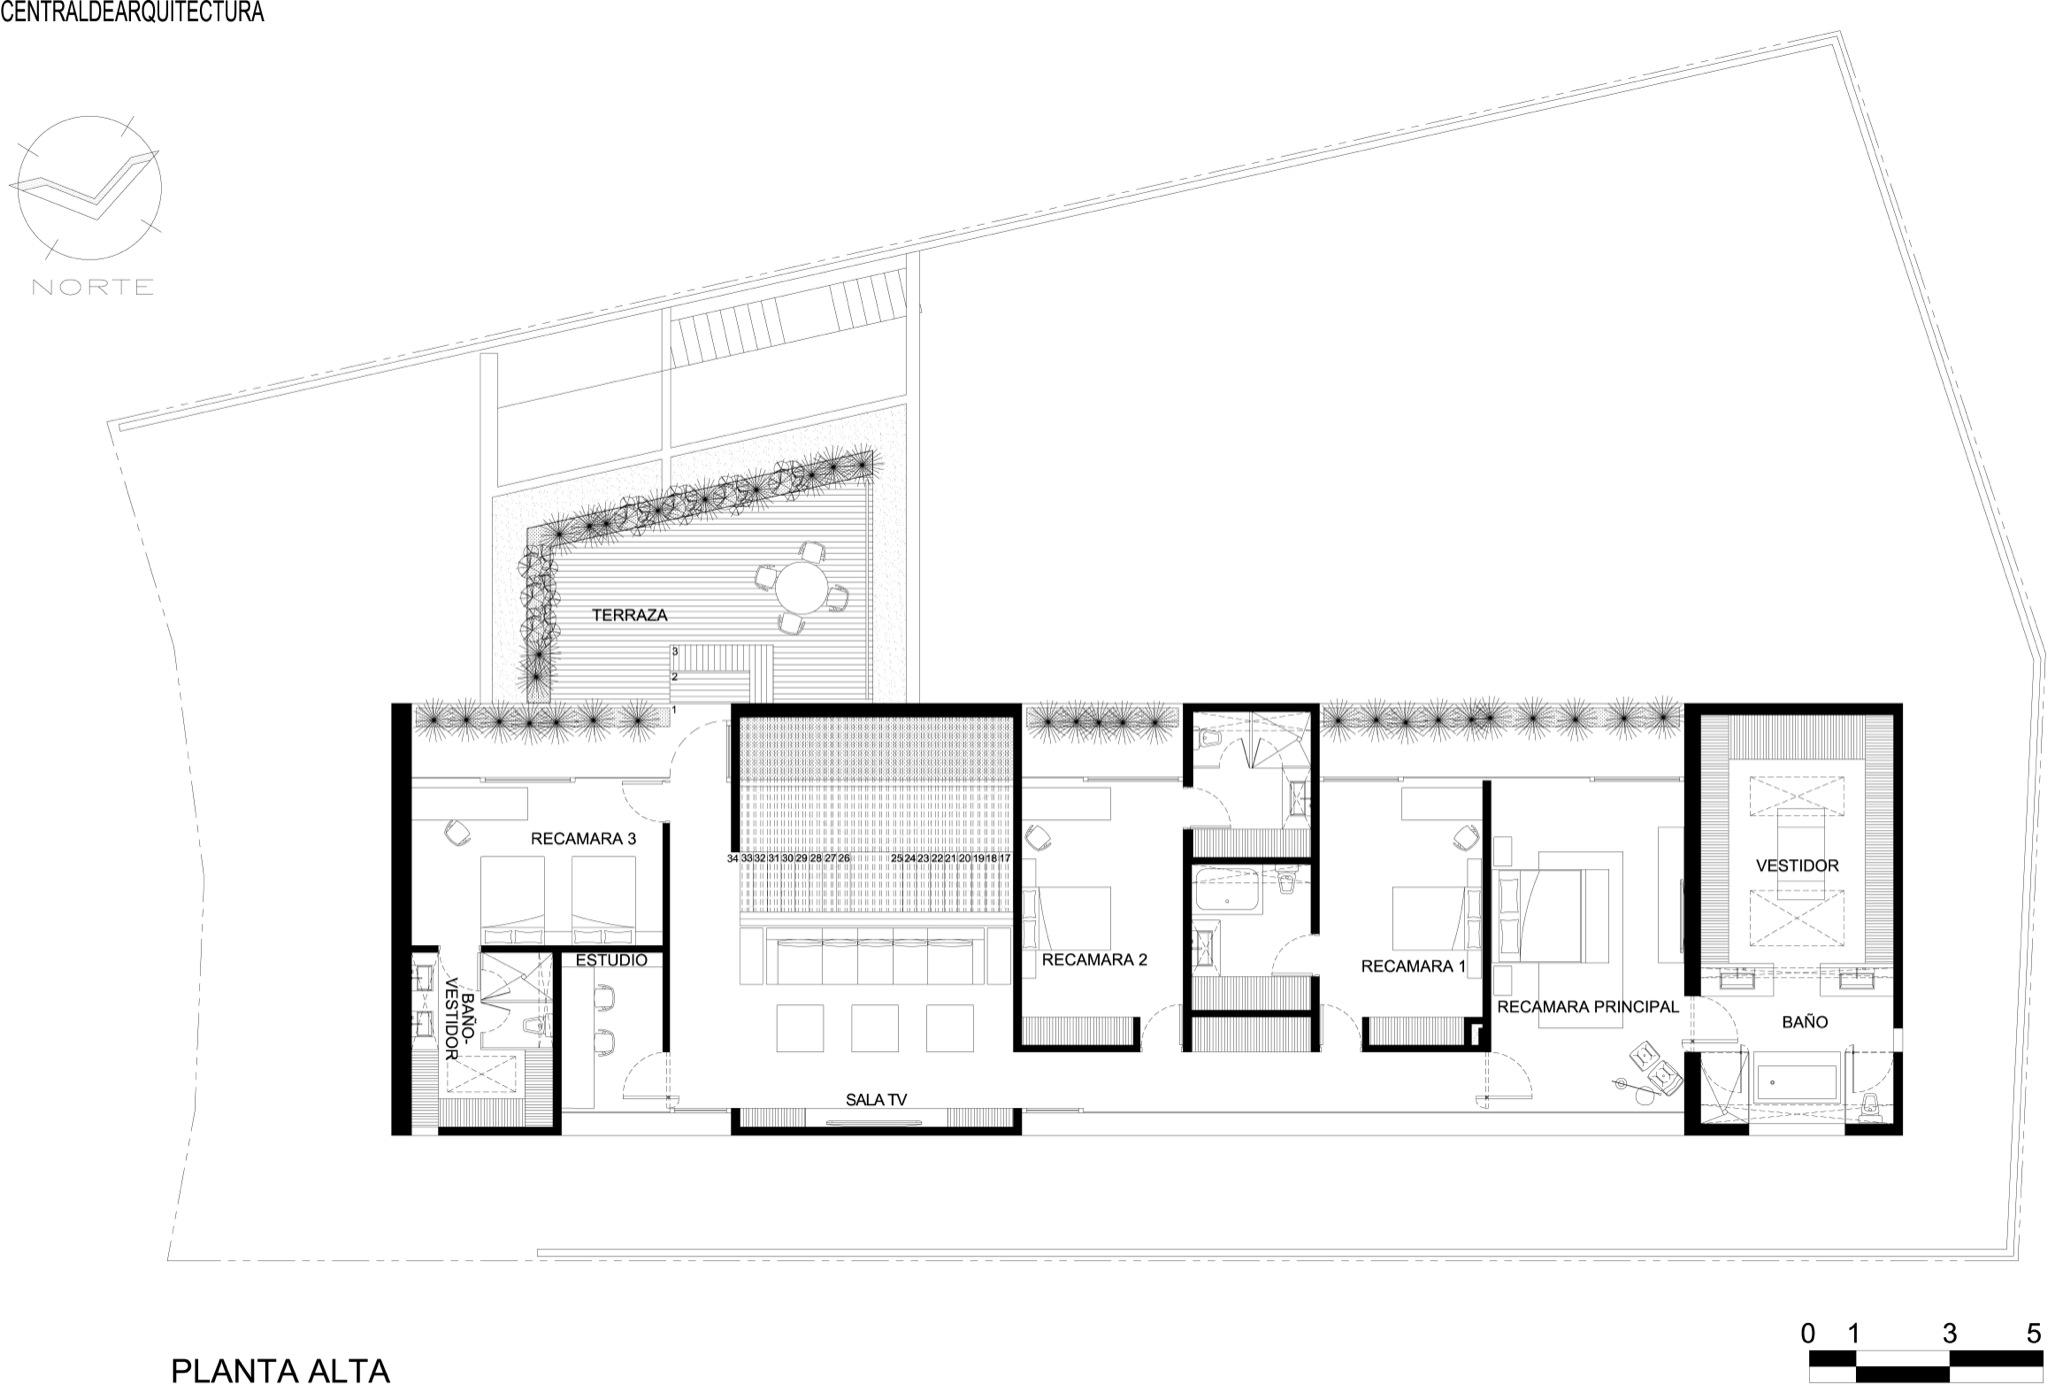 Center Hall Colonial Floor Plan Galeria De Casa La Punta Central De Arquitectura 20